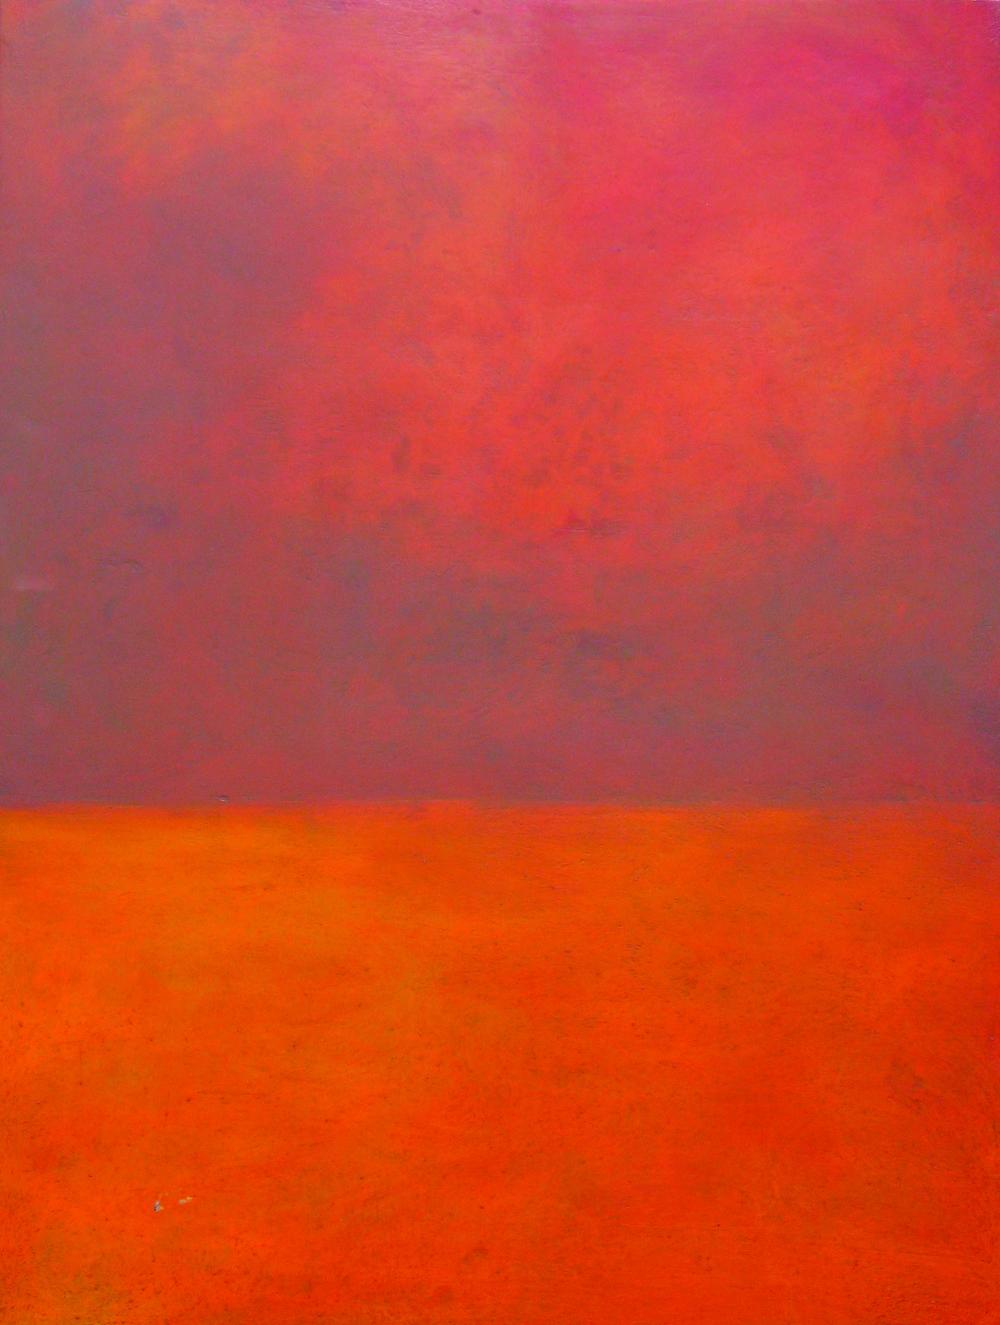 Orange Dusk